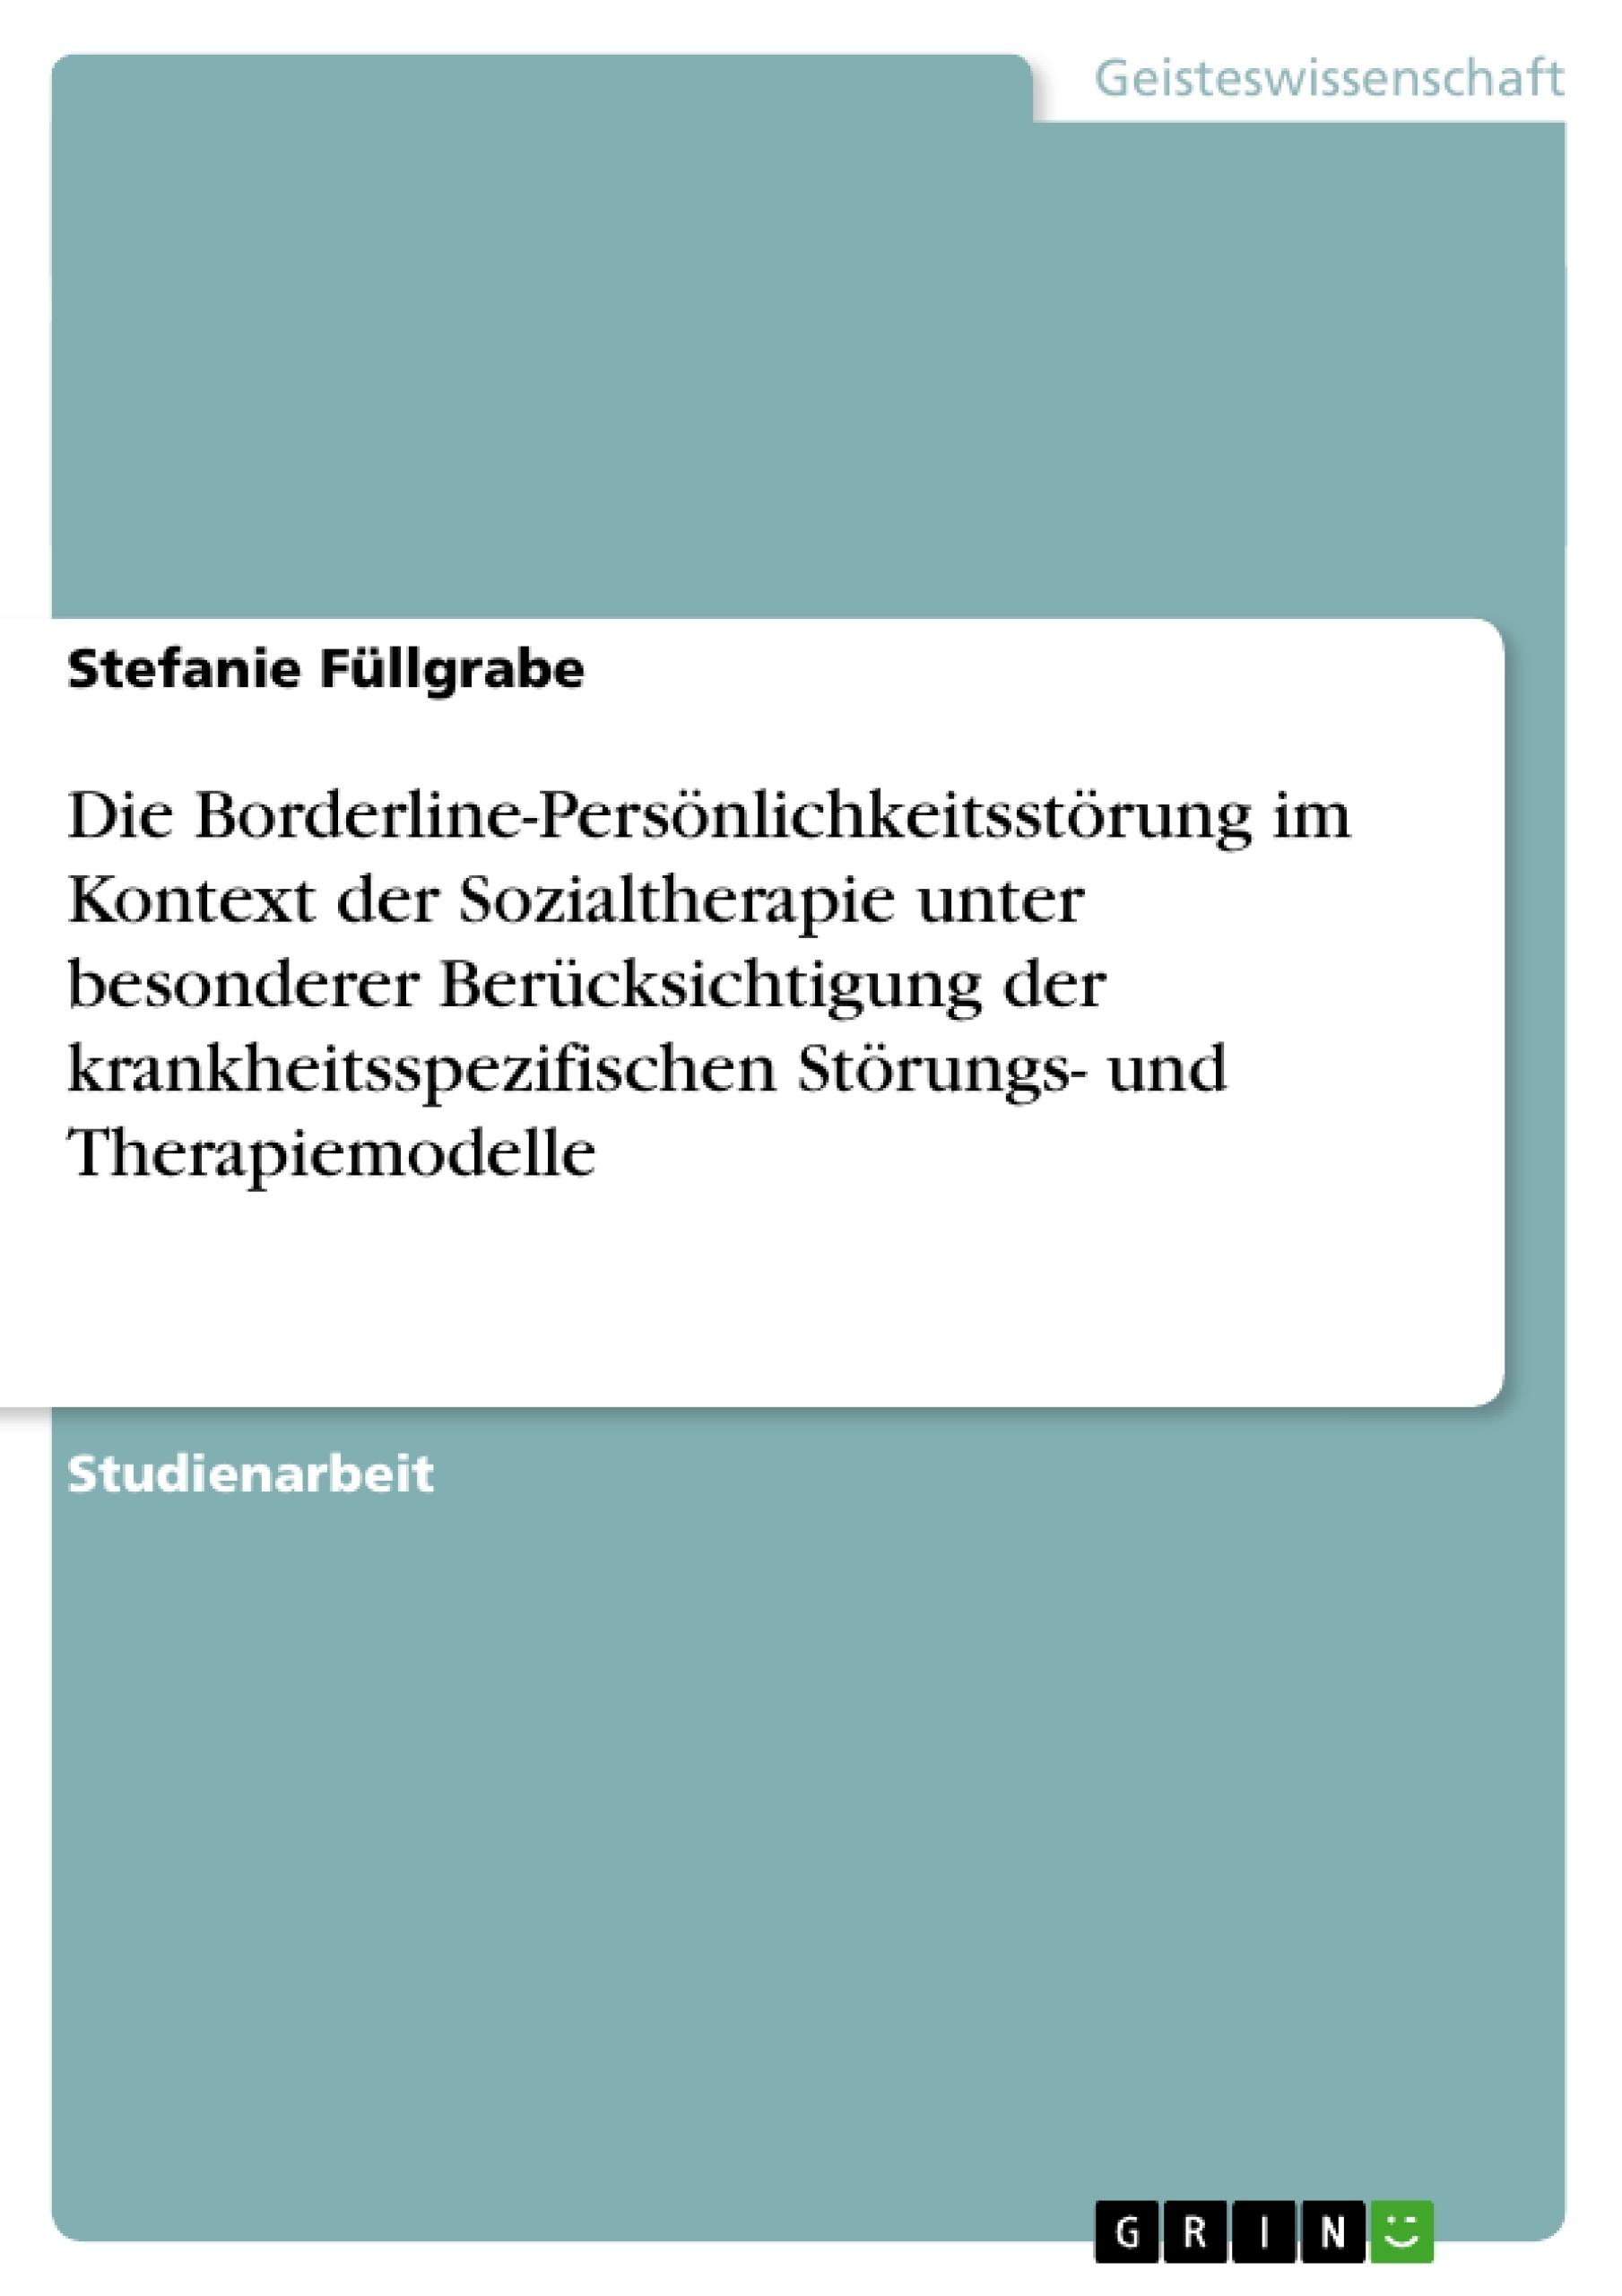 Titel: Die Borderline-Persönlichkeitsstörung im Kontext der Sozialtherapie unter besonderer Berücksichtigung der krankheitsspezifischen Störungs- und Therapiemodelle